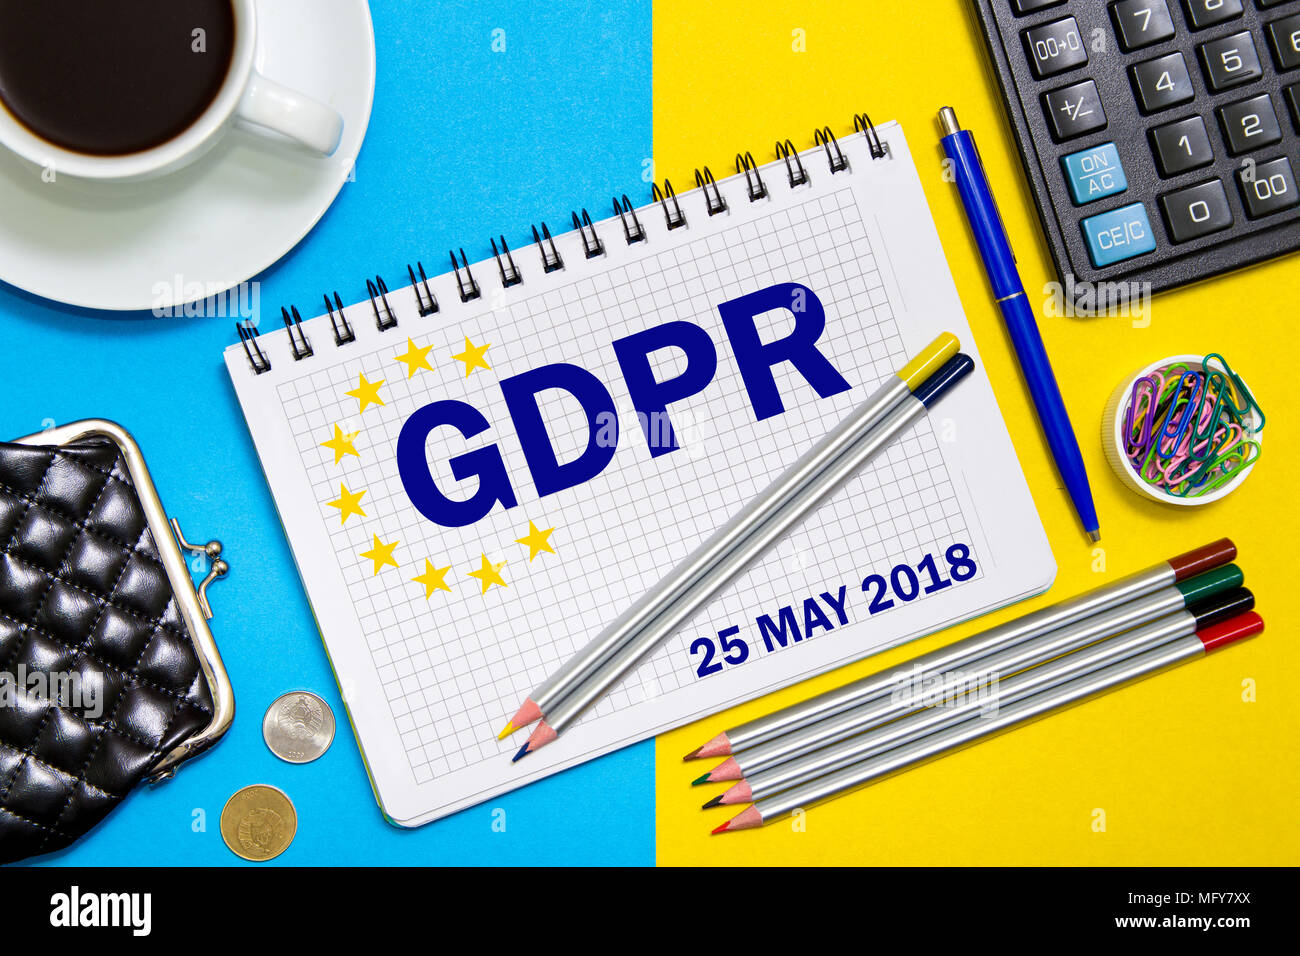 Bloc de notas con notas Reglamento General de Protección de Datos ,el GDPR con las herramientas de office . Concepto GDPR Mayo 25, 2018. Imagen De Stock